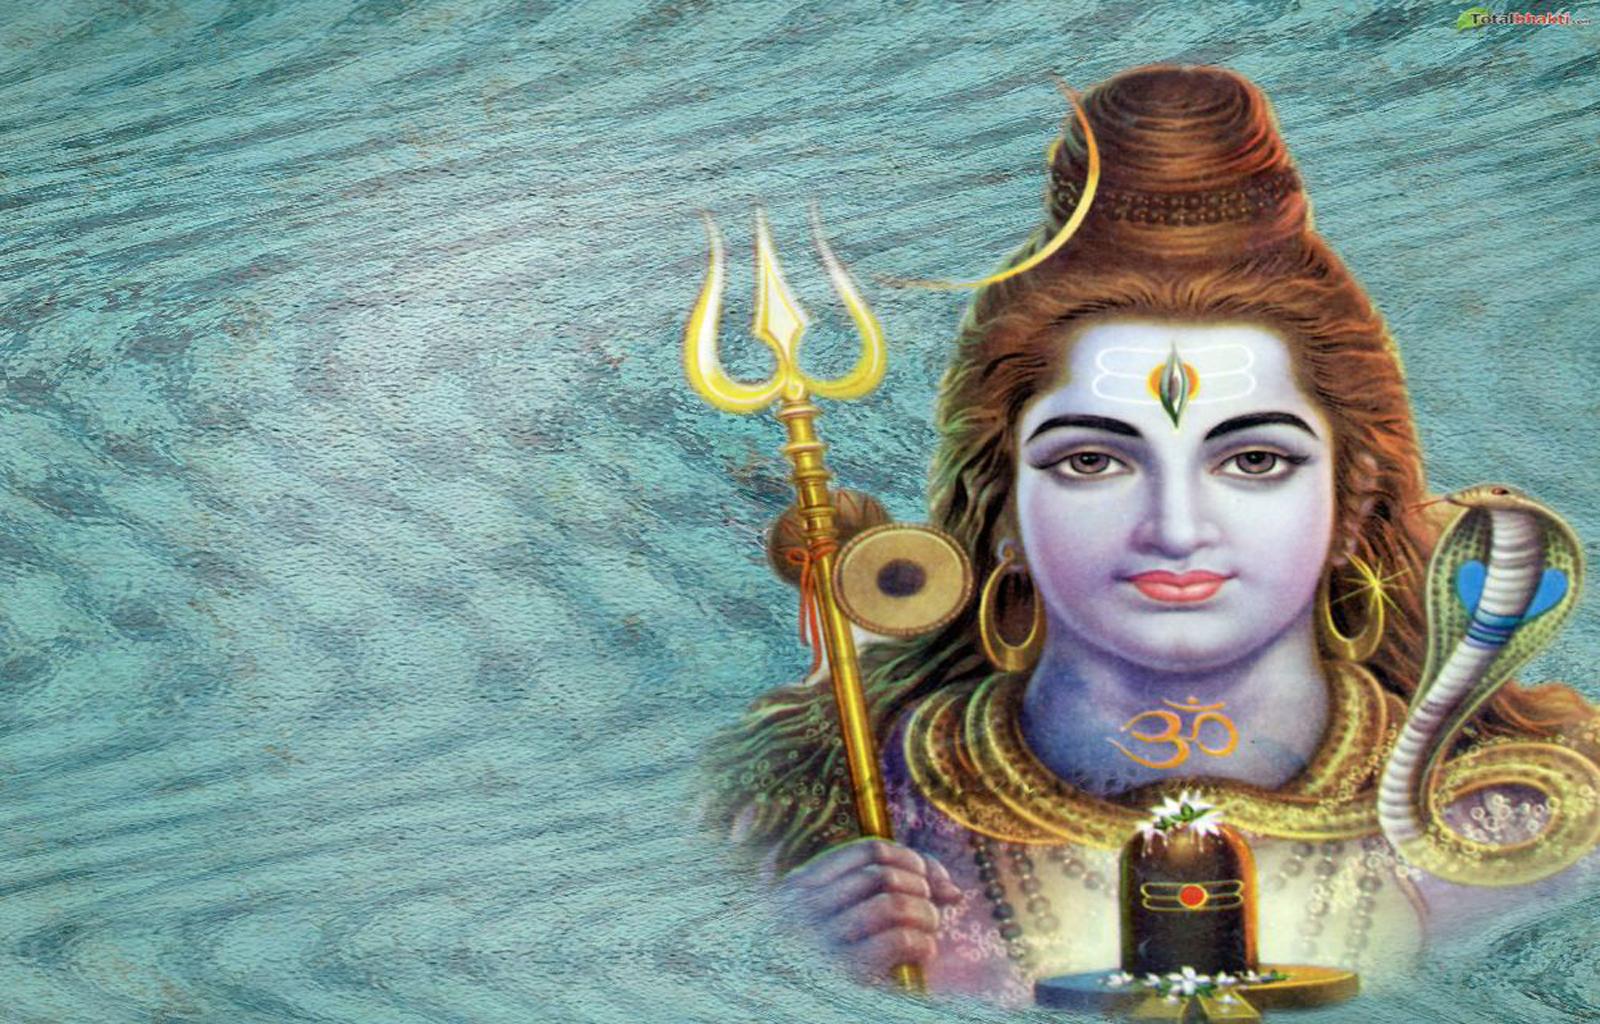 Wallpaper Gallery Lord Shiva Wallpaper 3